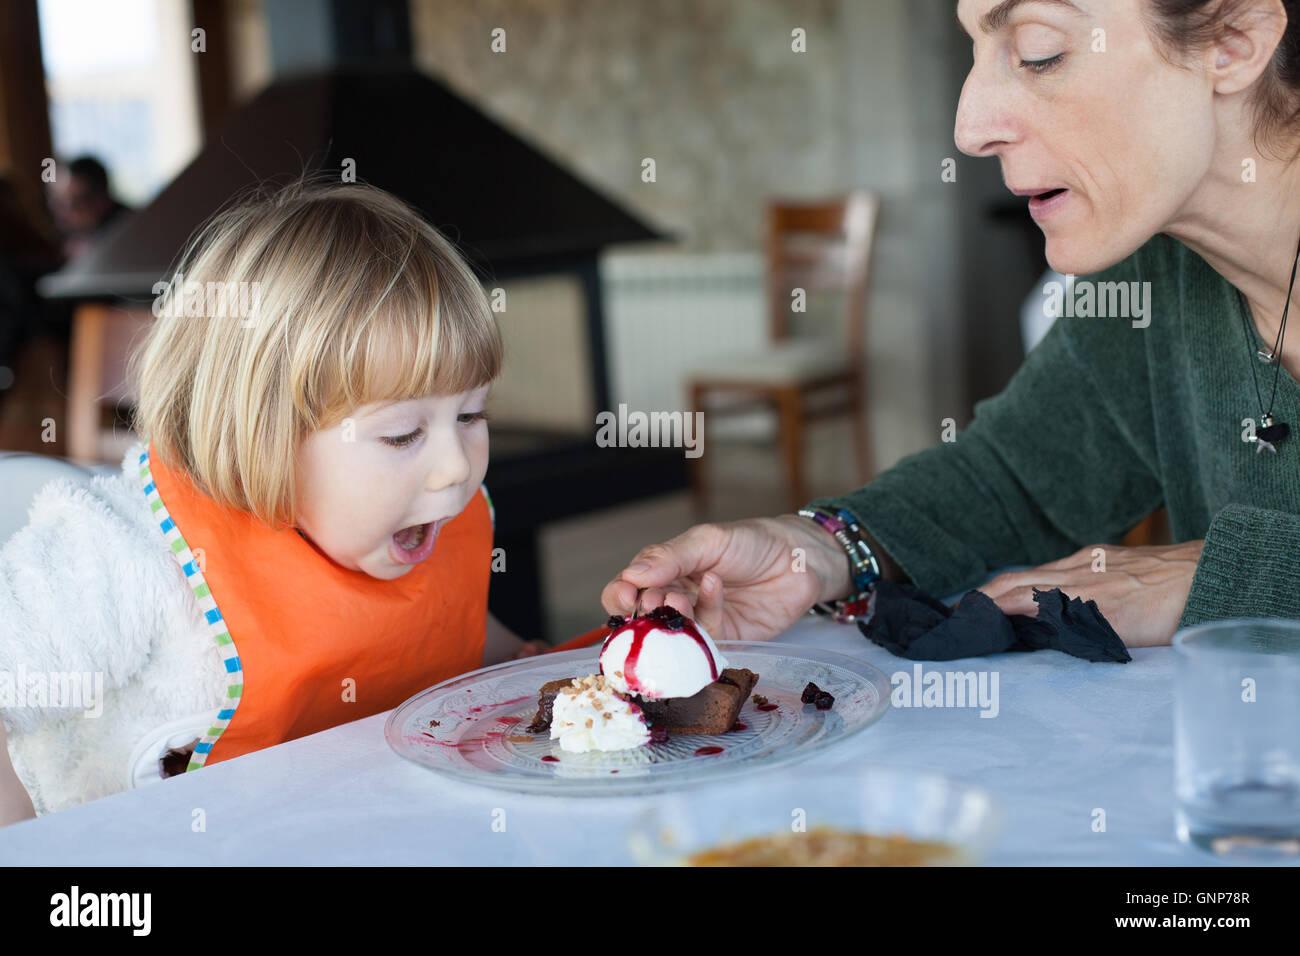 zwei Jahre überrascht Kind mit orangefarbenen Lätzchen lustig Essen mit Frau ein Stück Schokoladenkuchen Stockbild